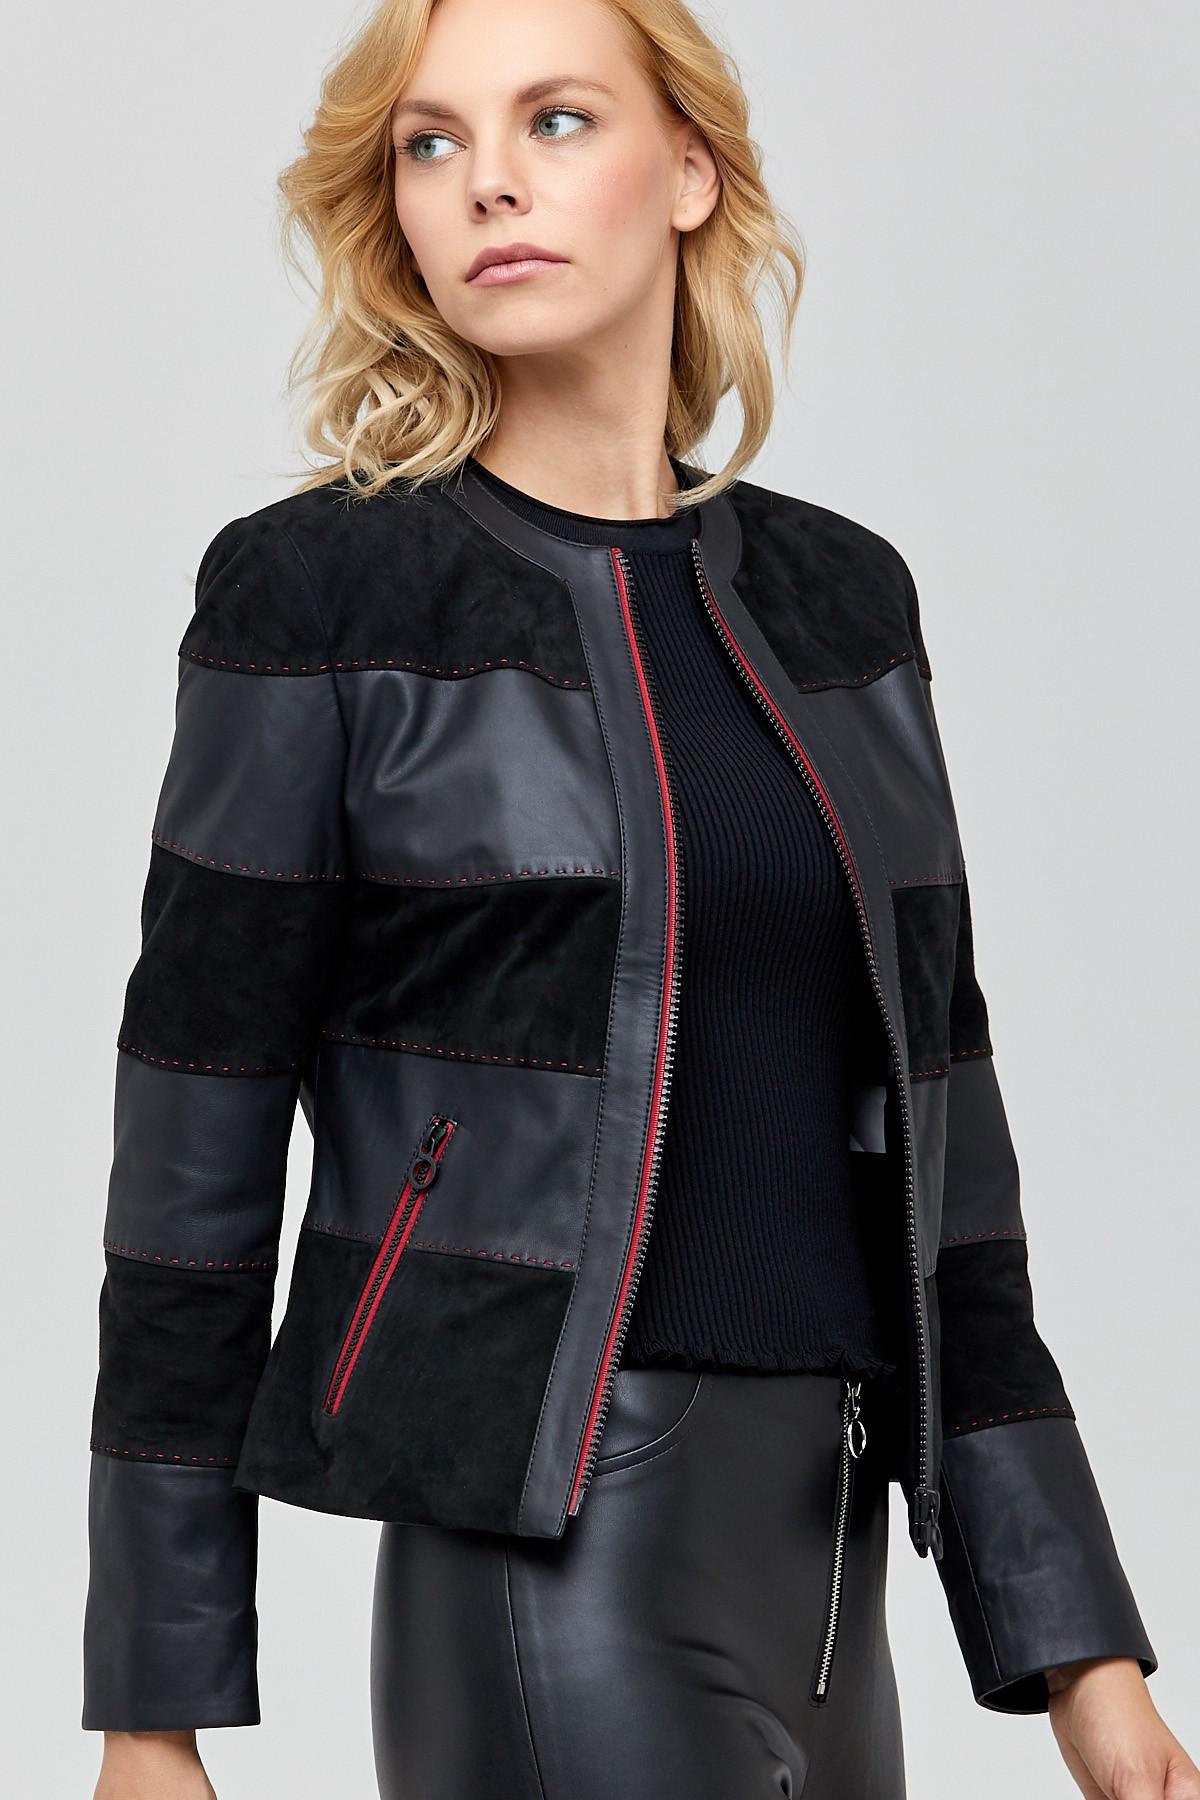 Belstaff Leather Jacket Women's